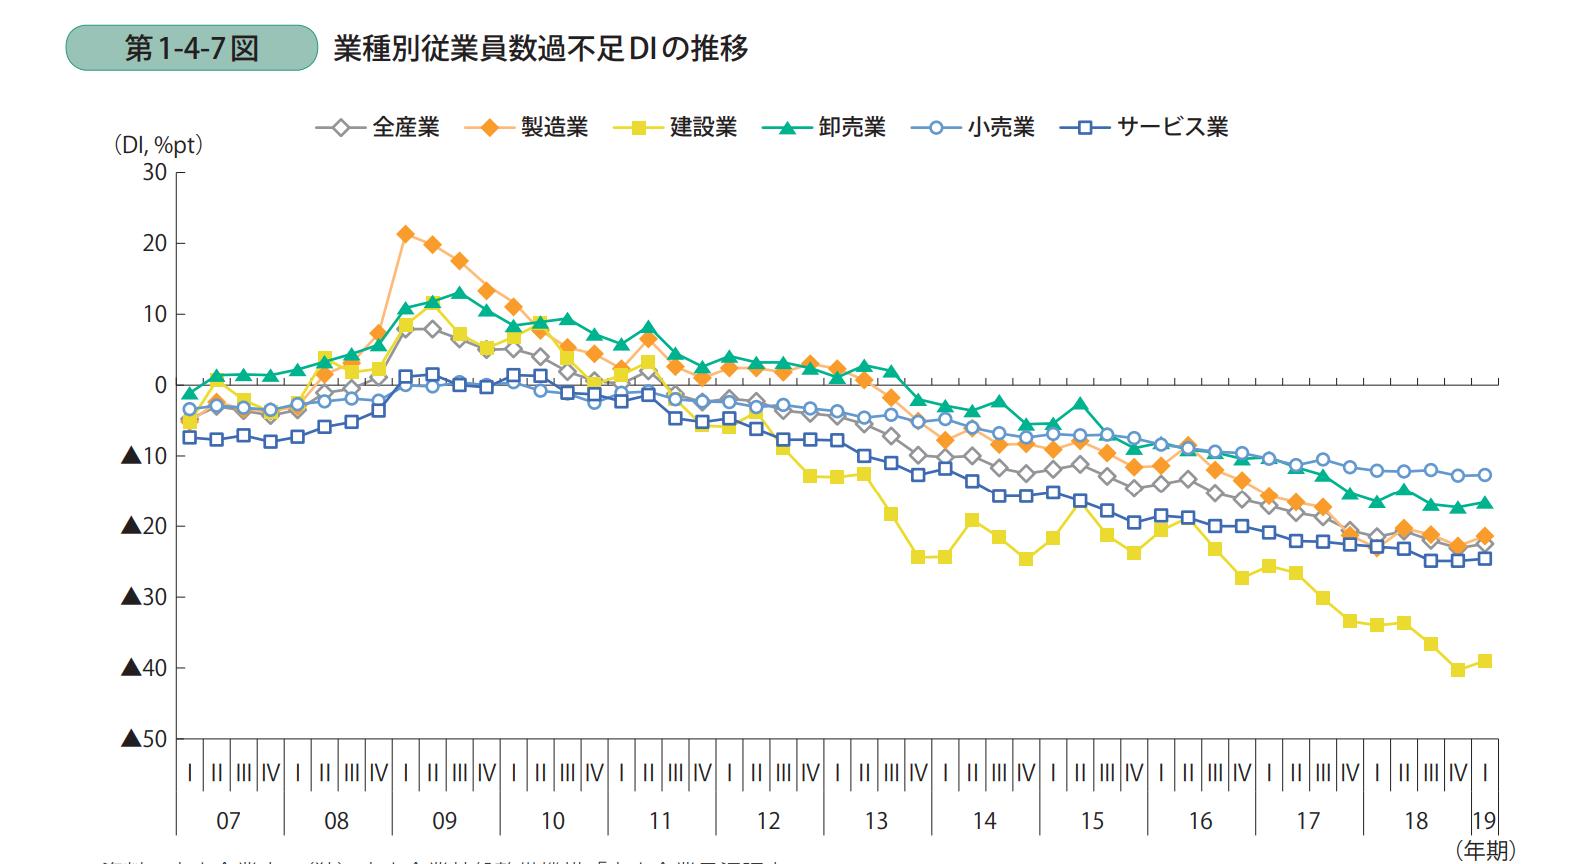 業種別従業員数過不足 DI の推移